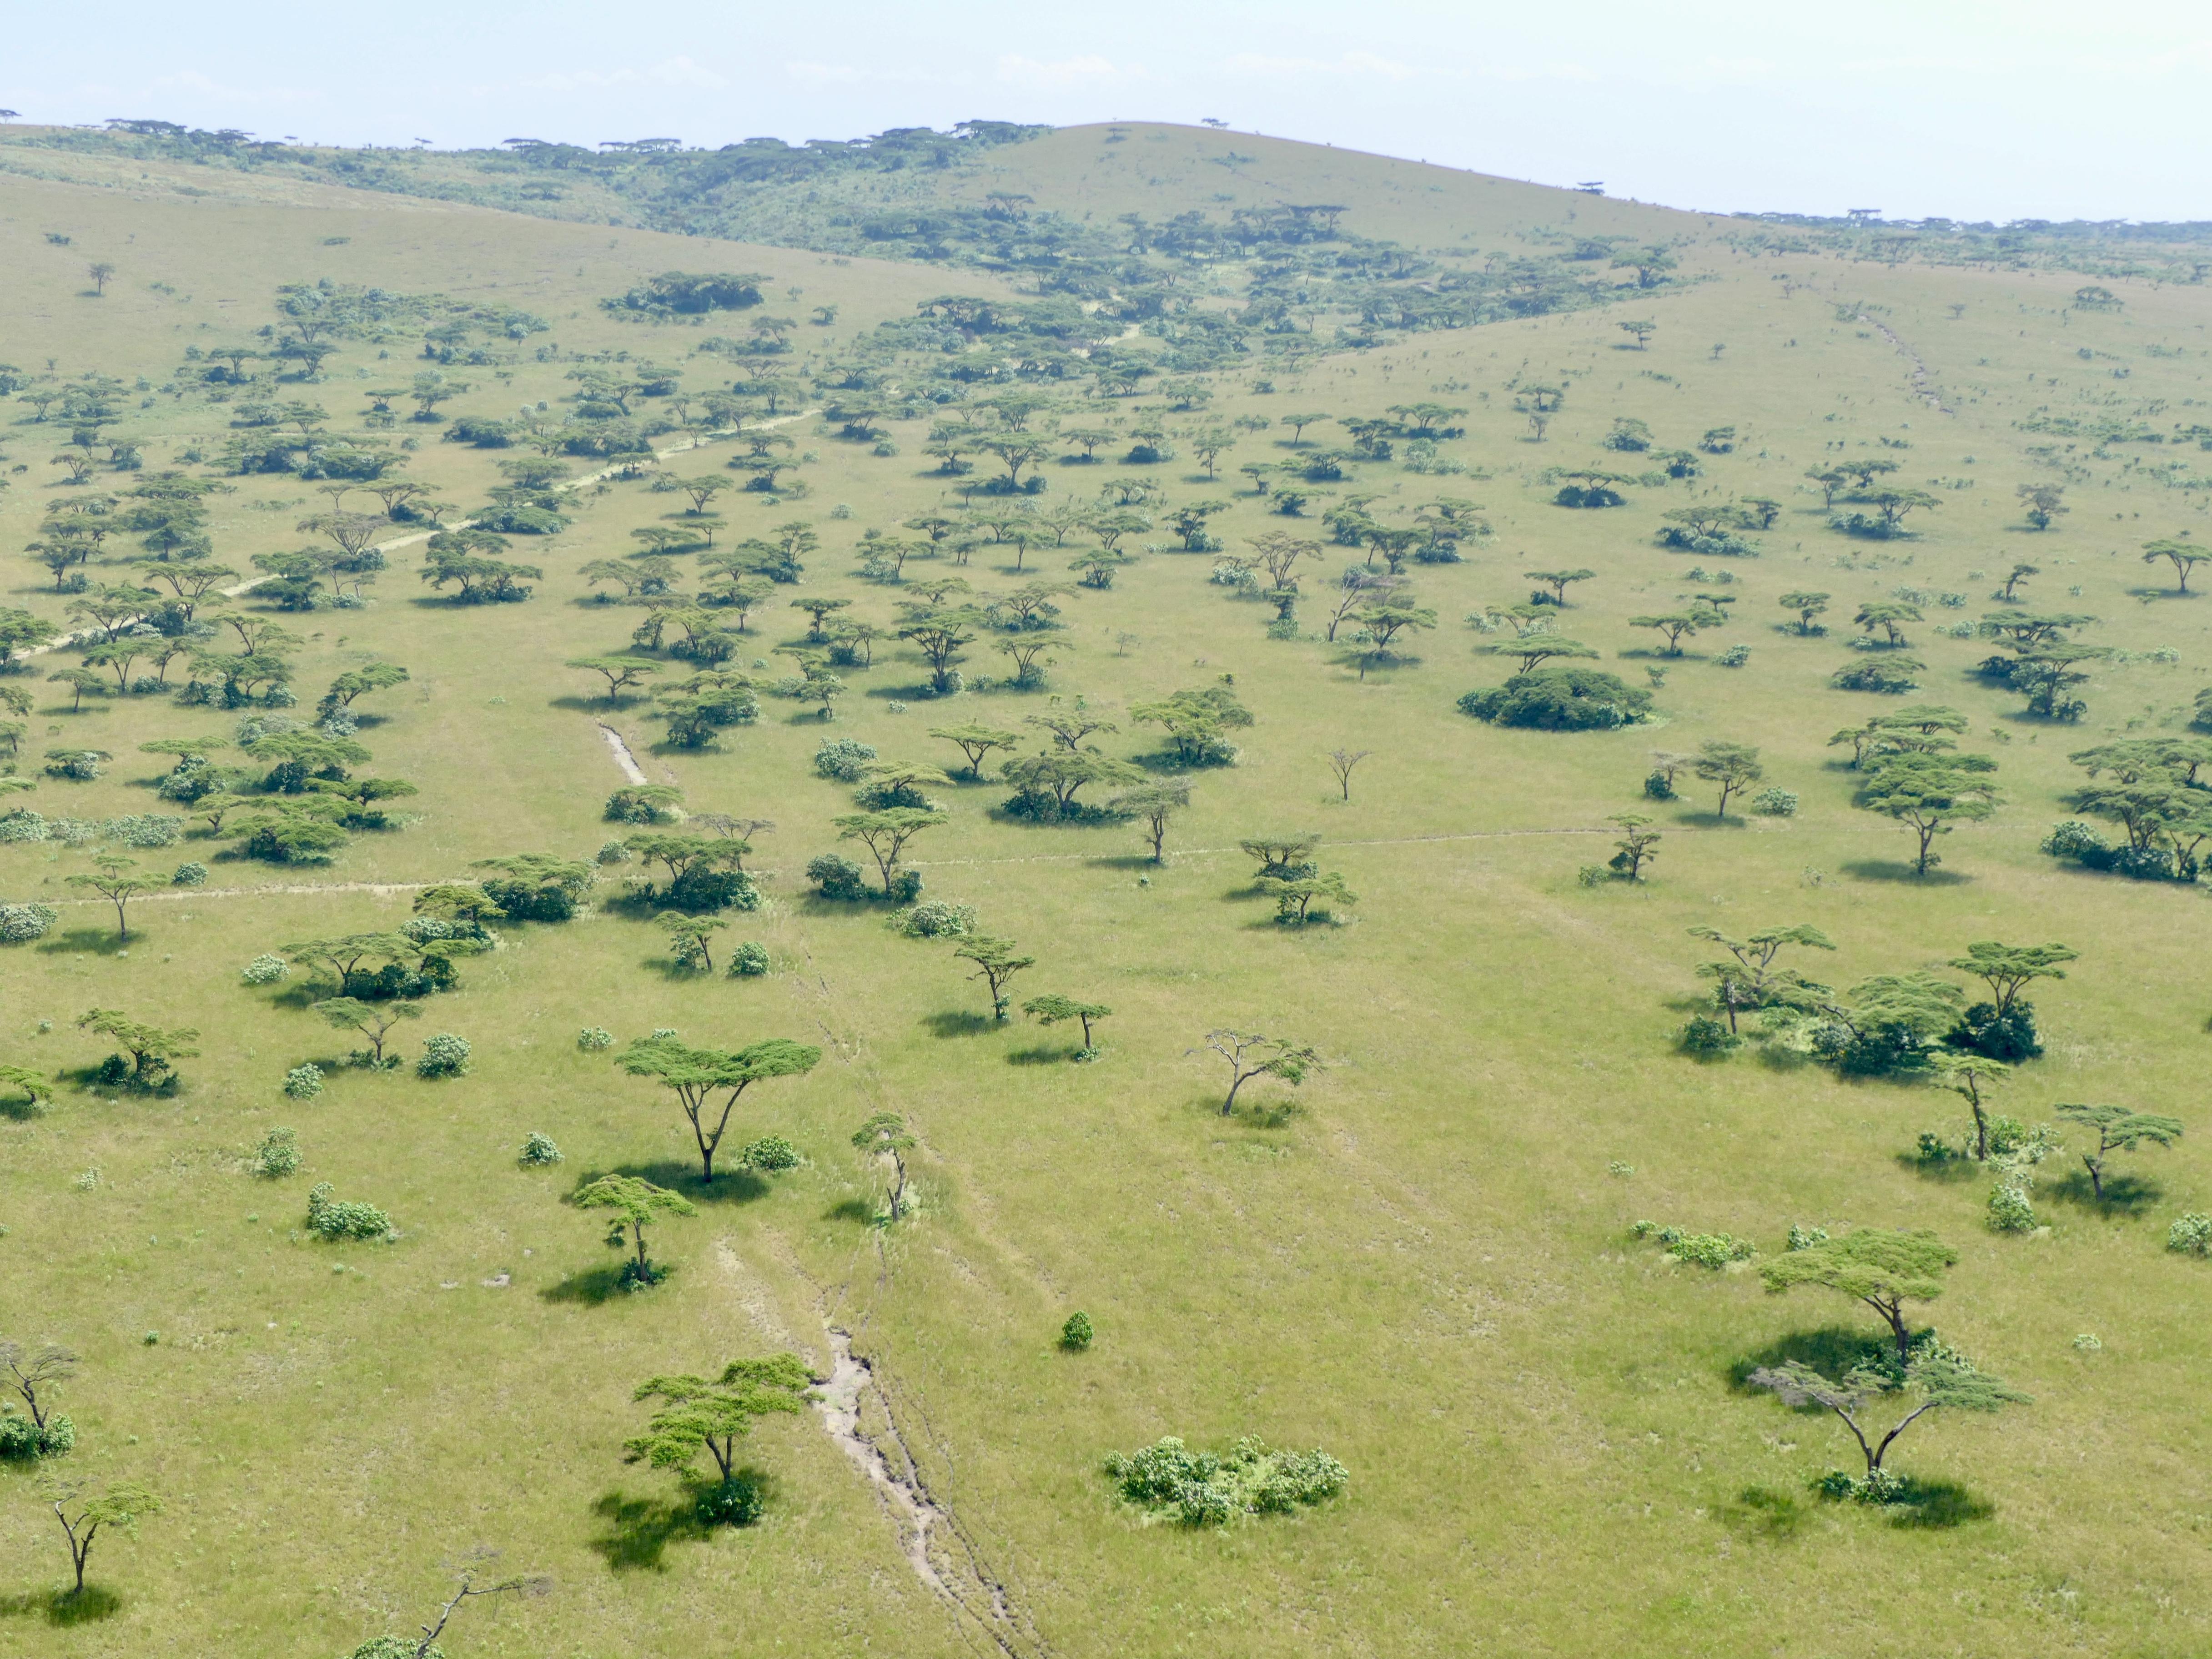 Swayne's Hartebeest Sanctuary, Ethiopia